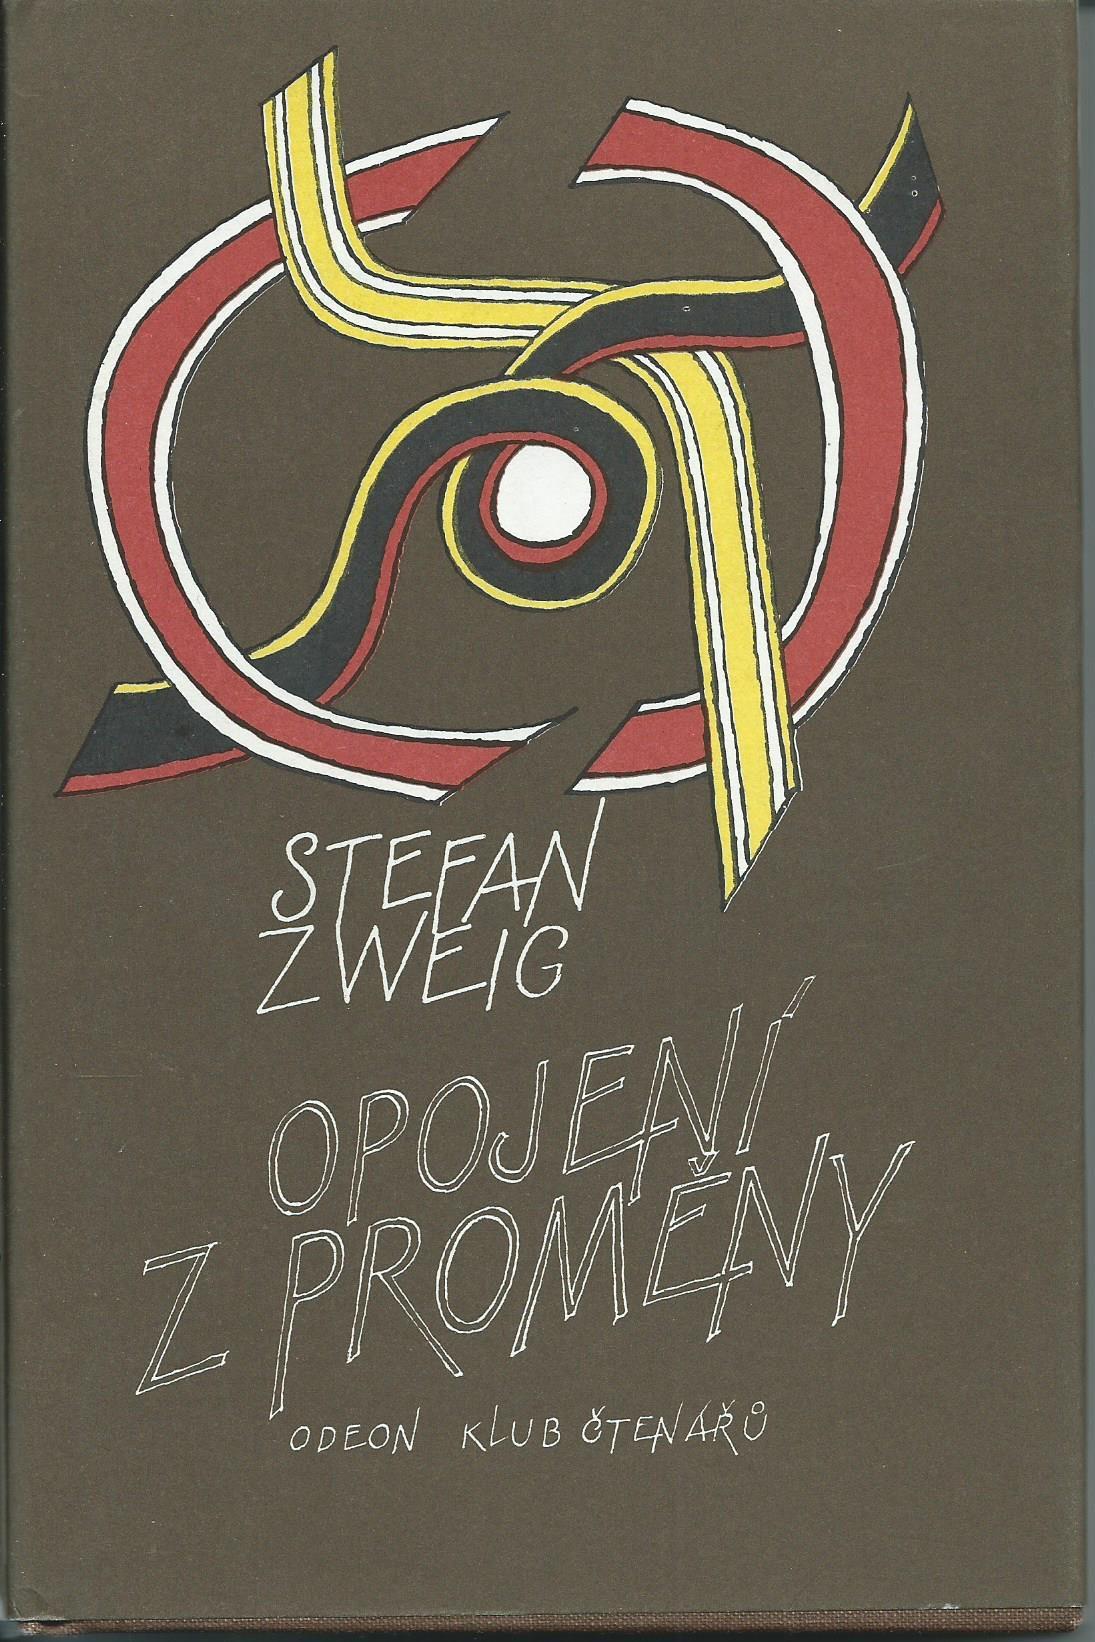 Opojení z proměny - Stefan Zweig